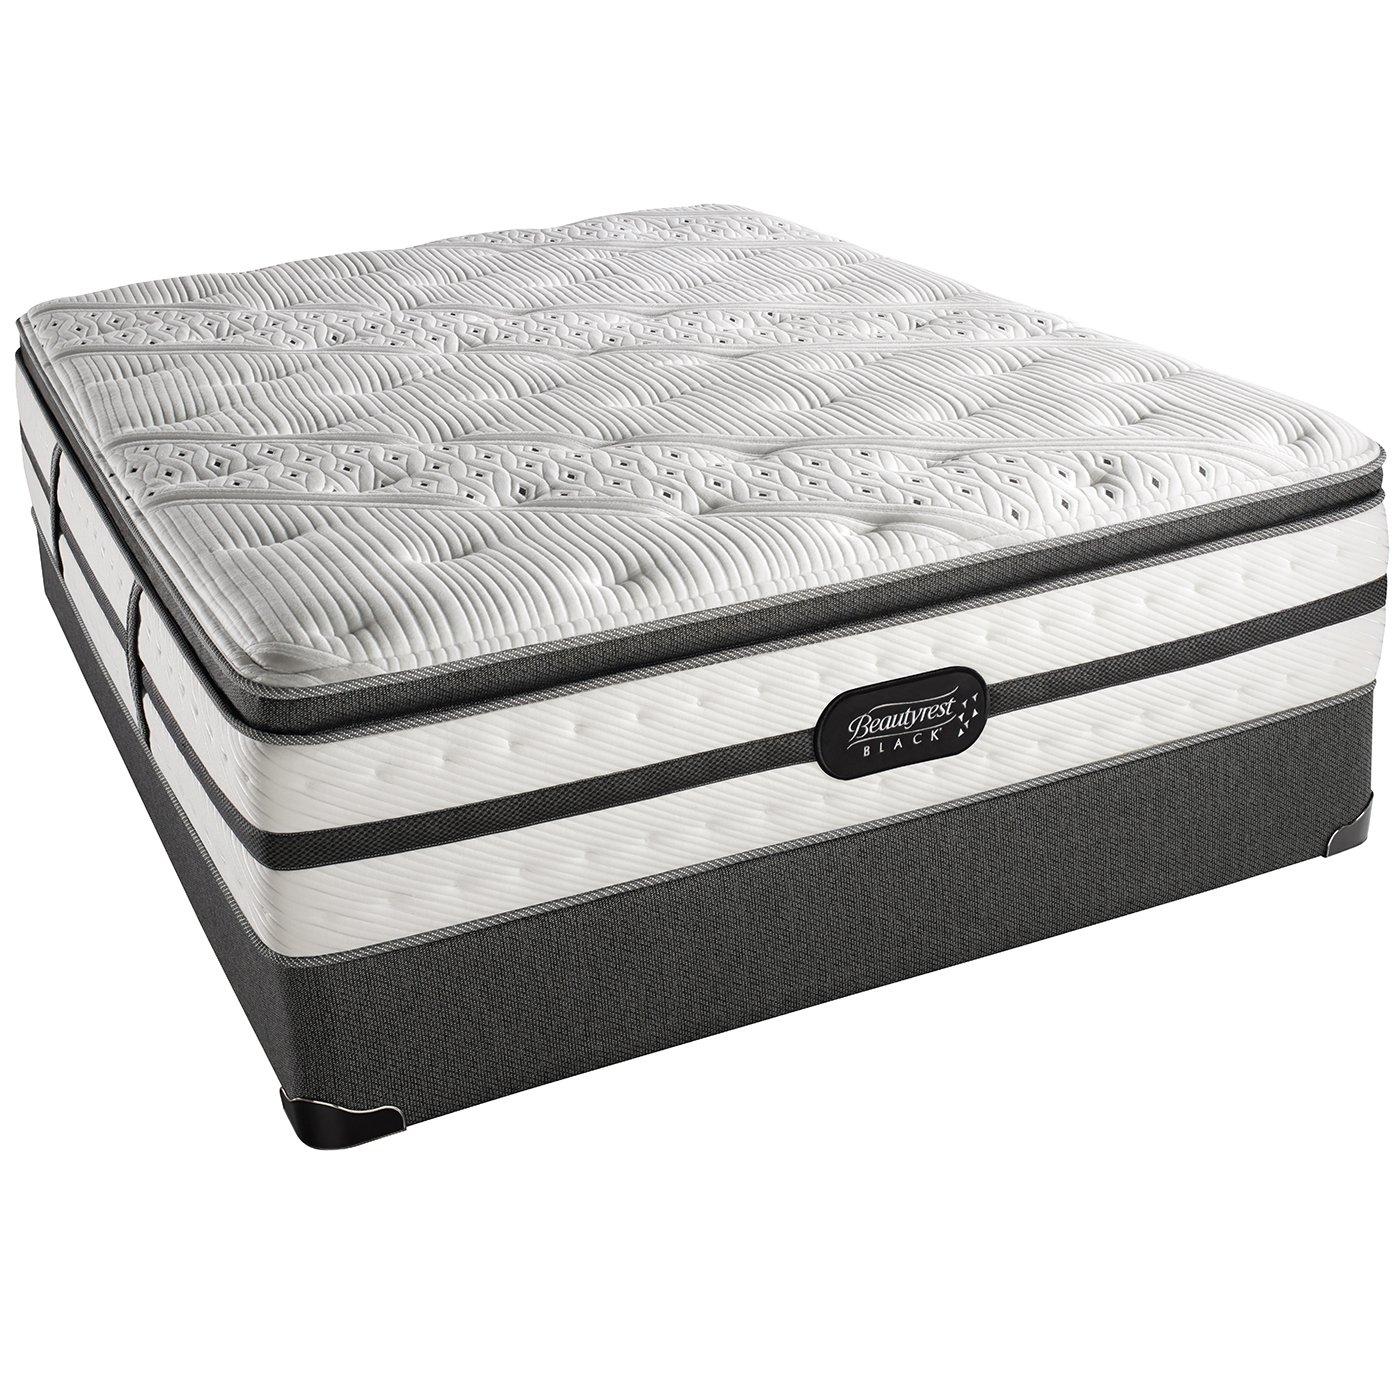 Amazon Beautyrest Black Evie Luxury Firm Pillow Top Mattress